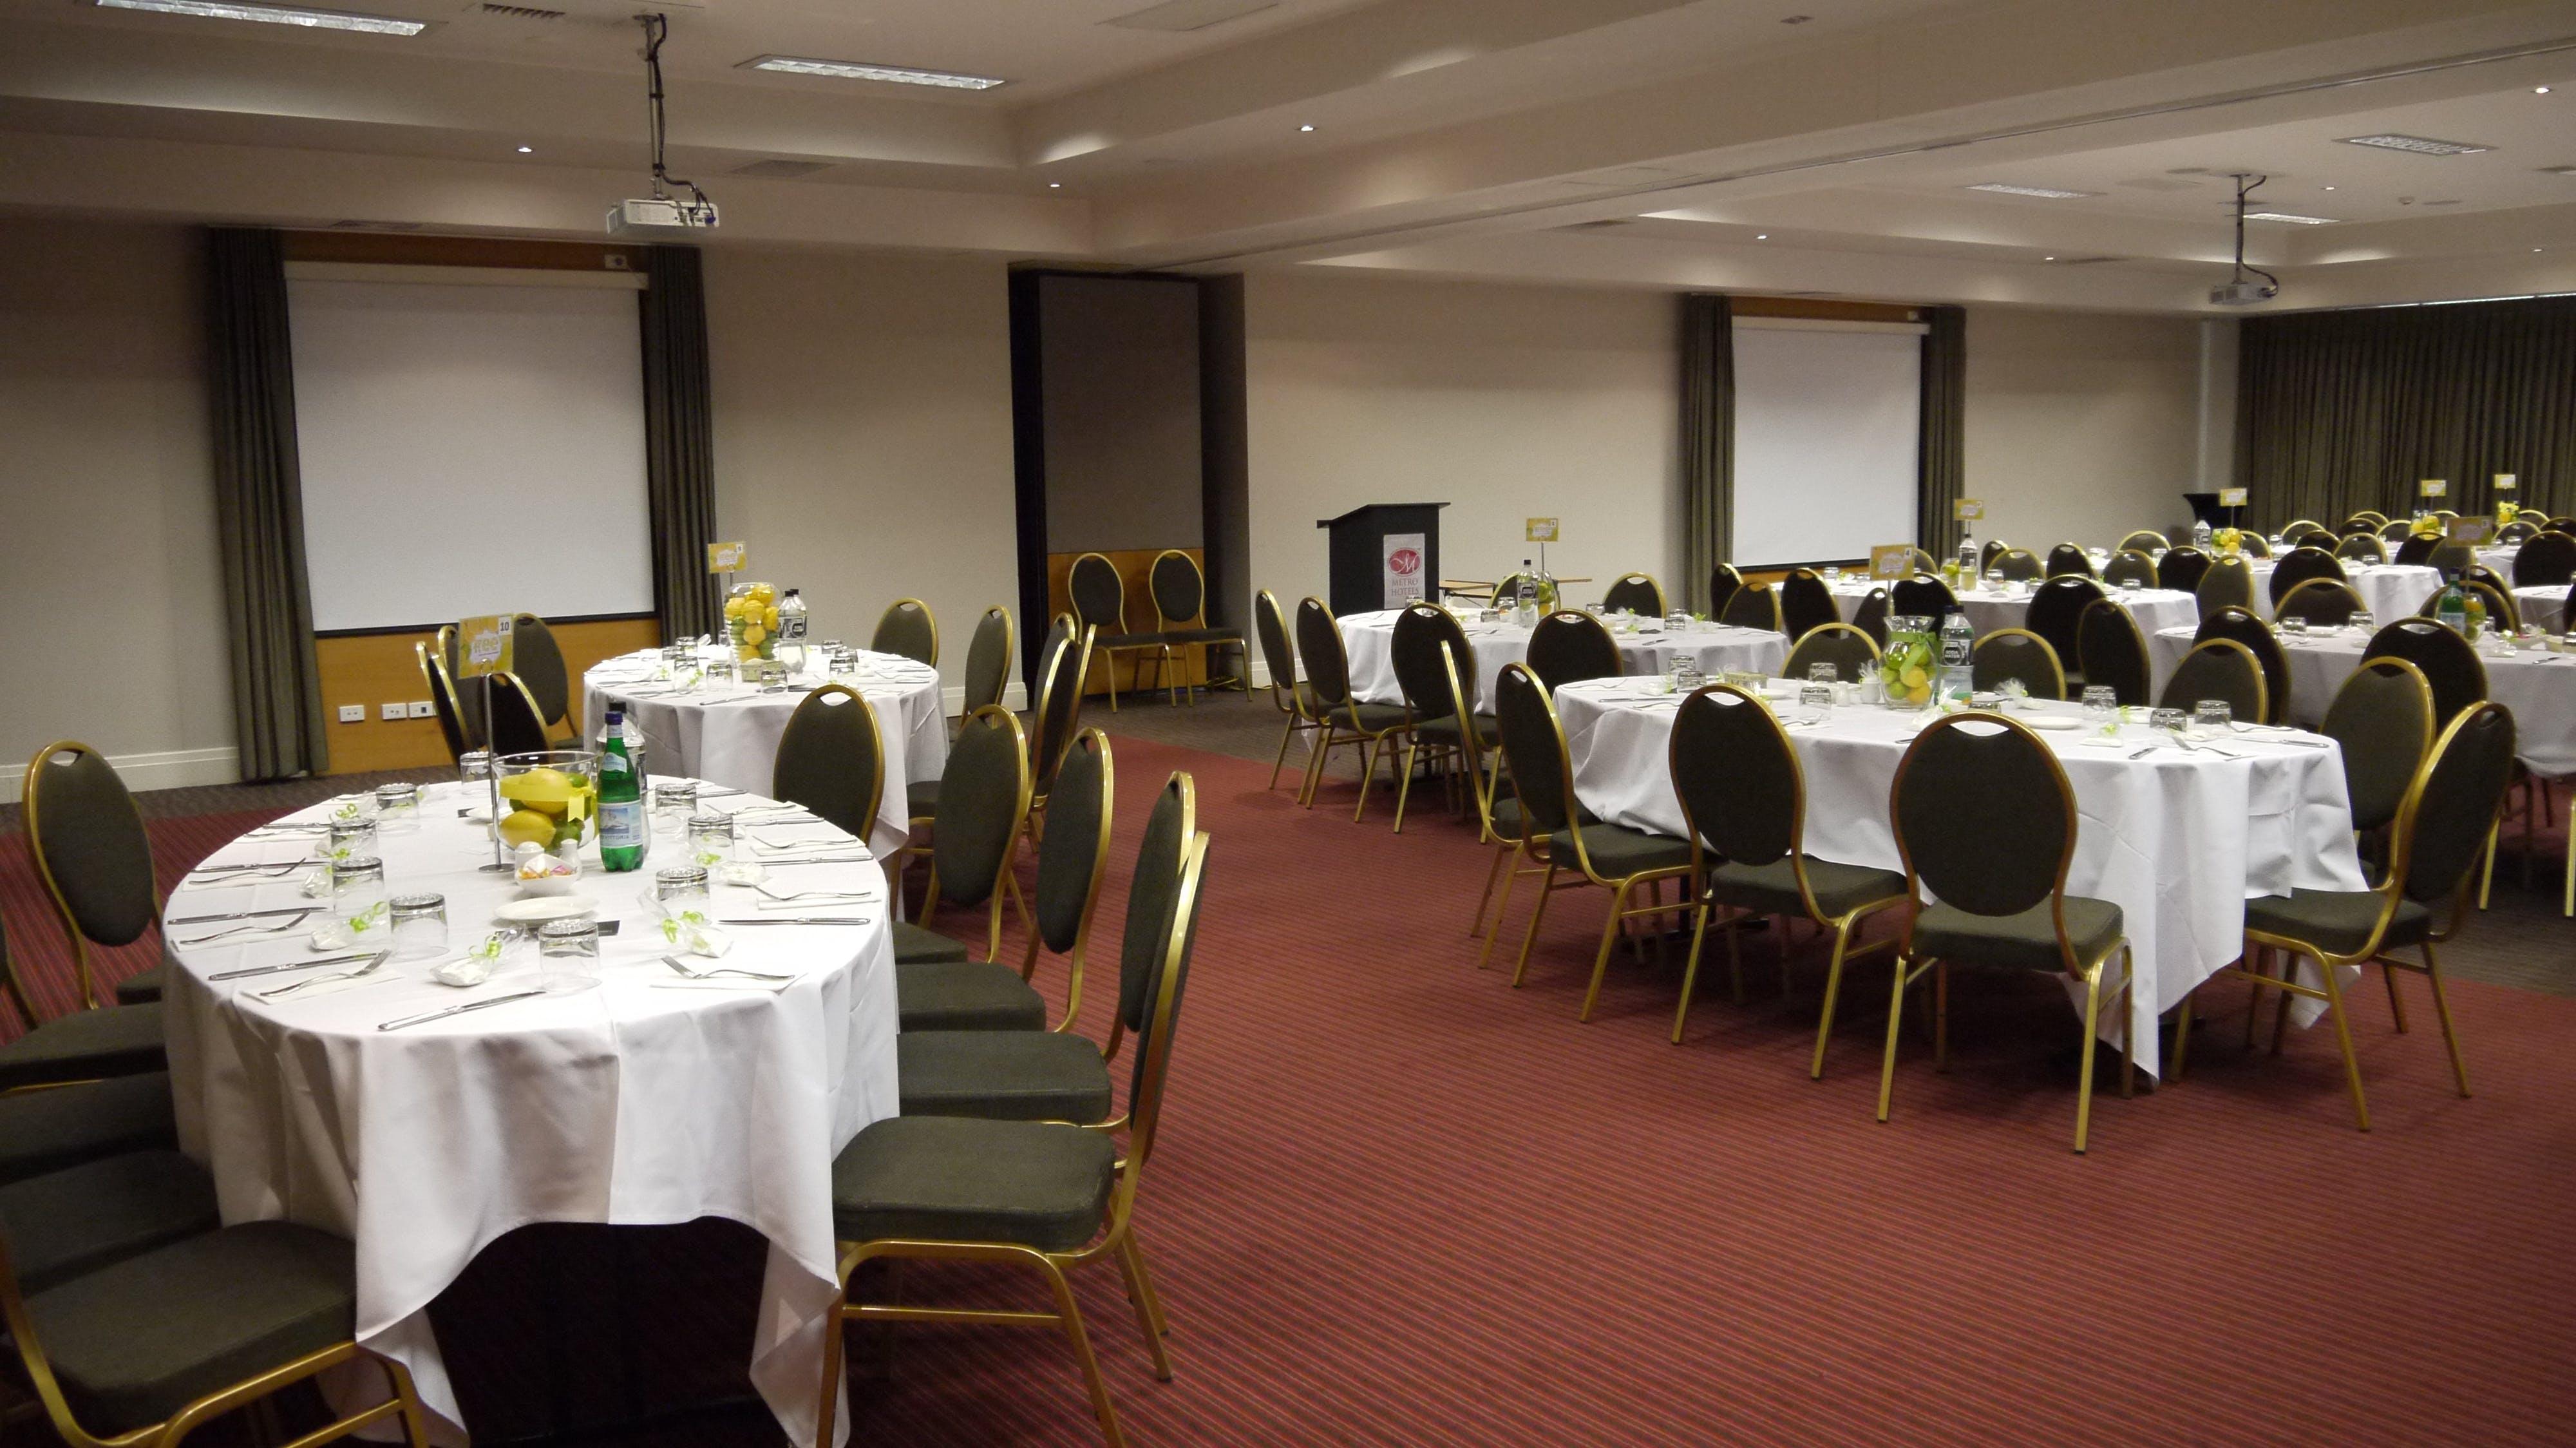 Karalee Room, meeting room at Metro Hotel Ipswich International, image 1